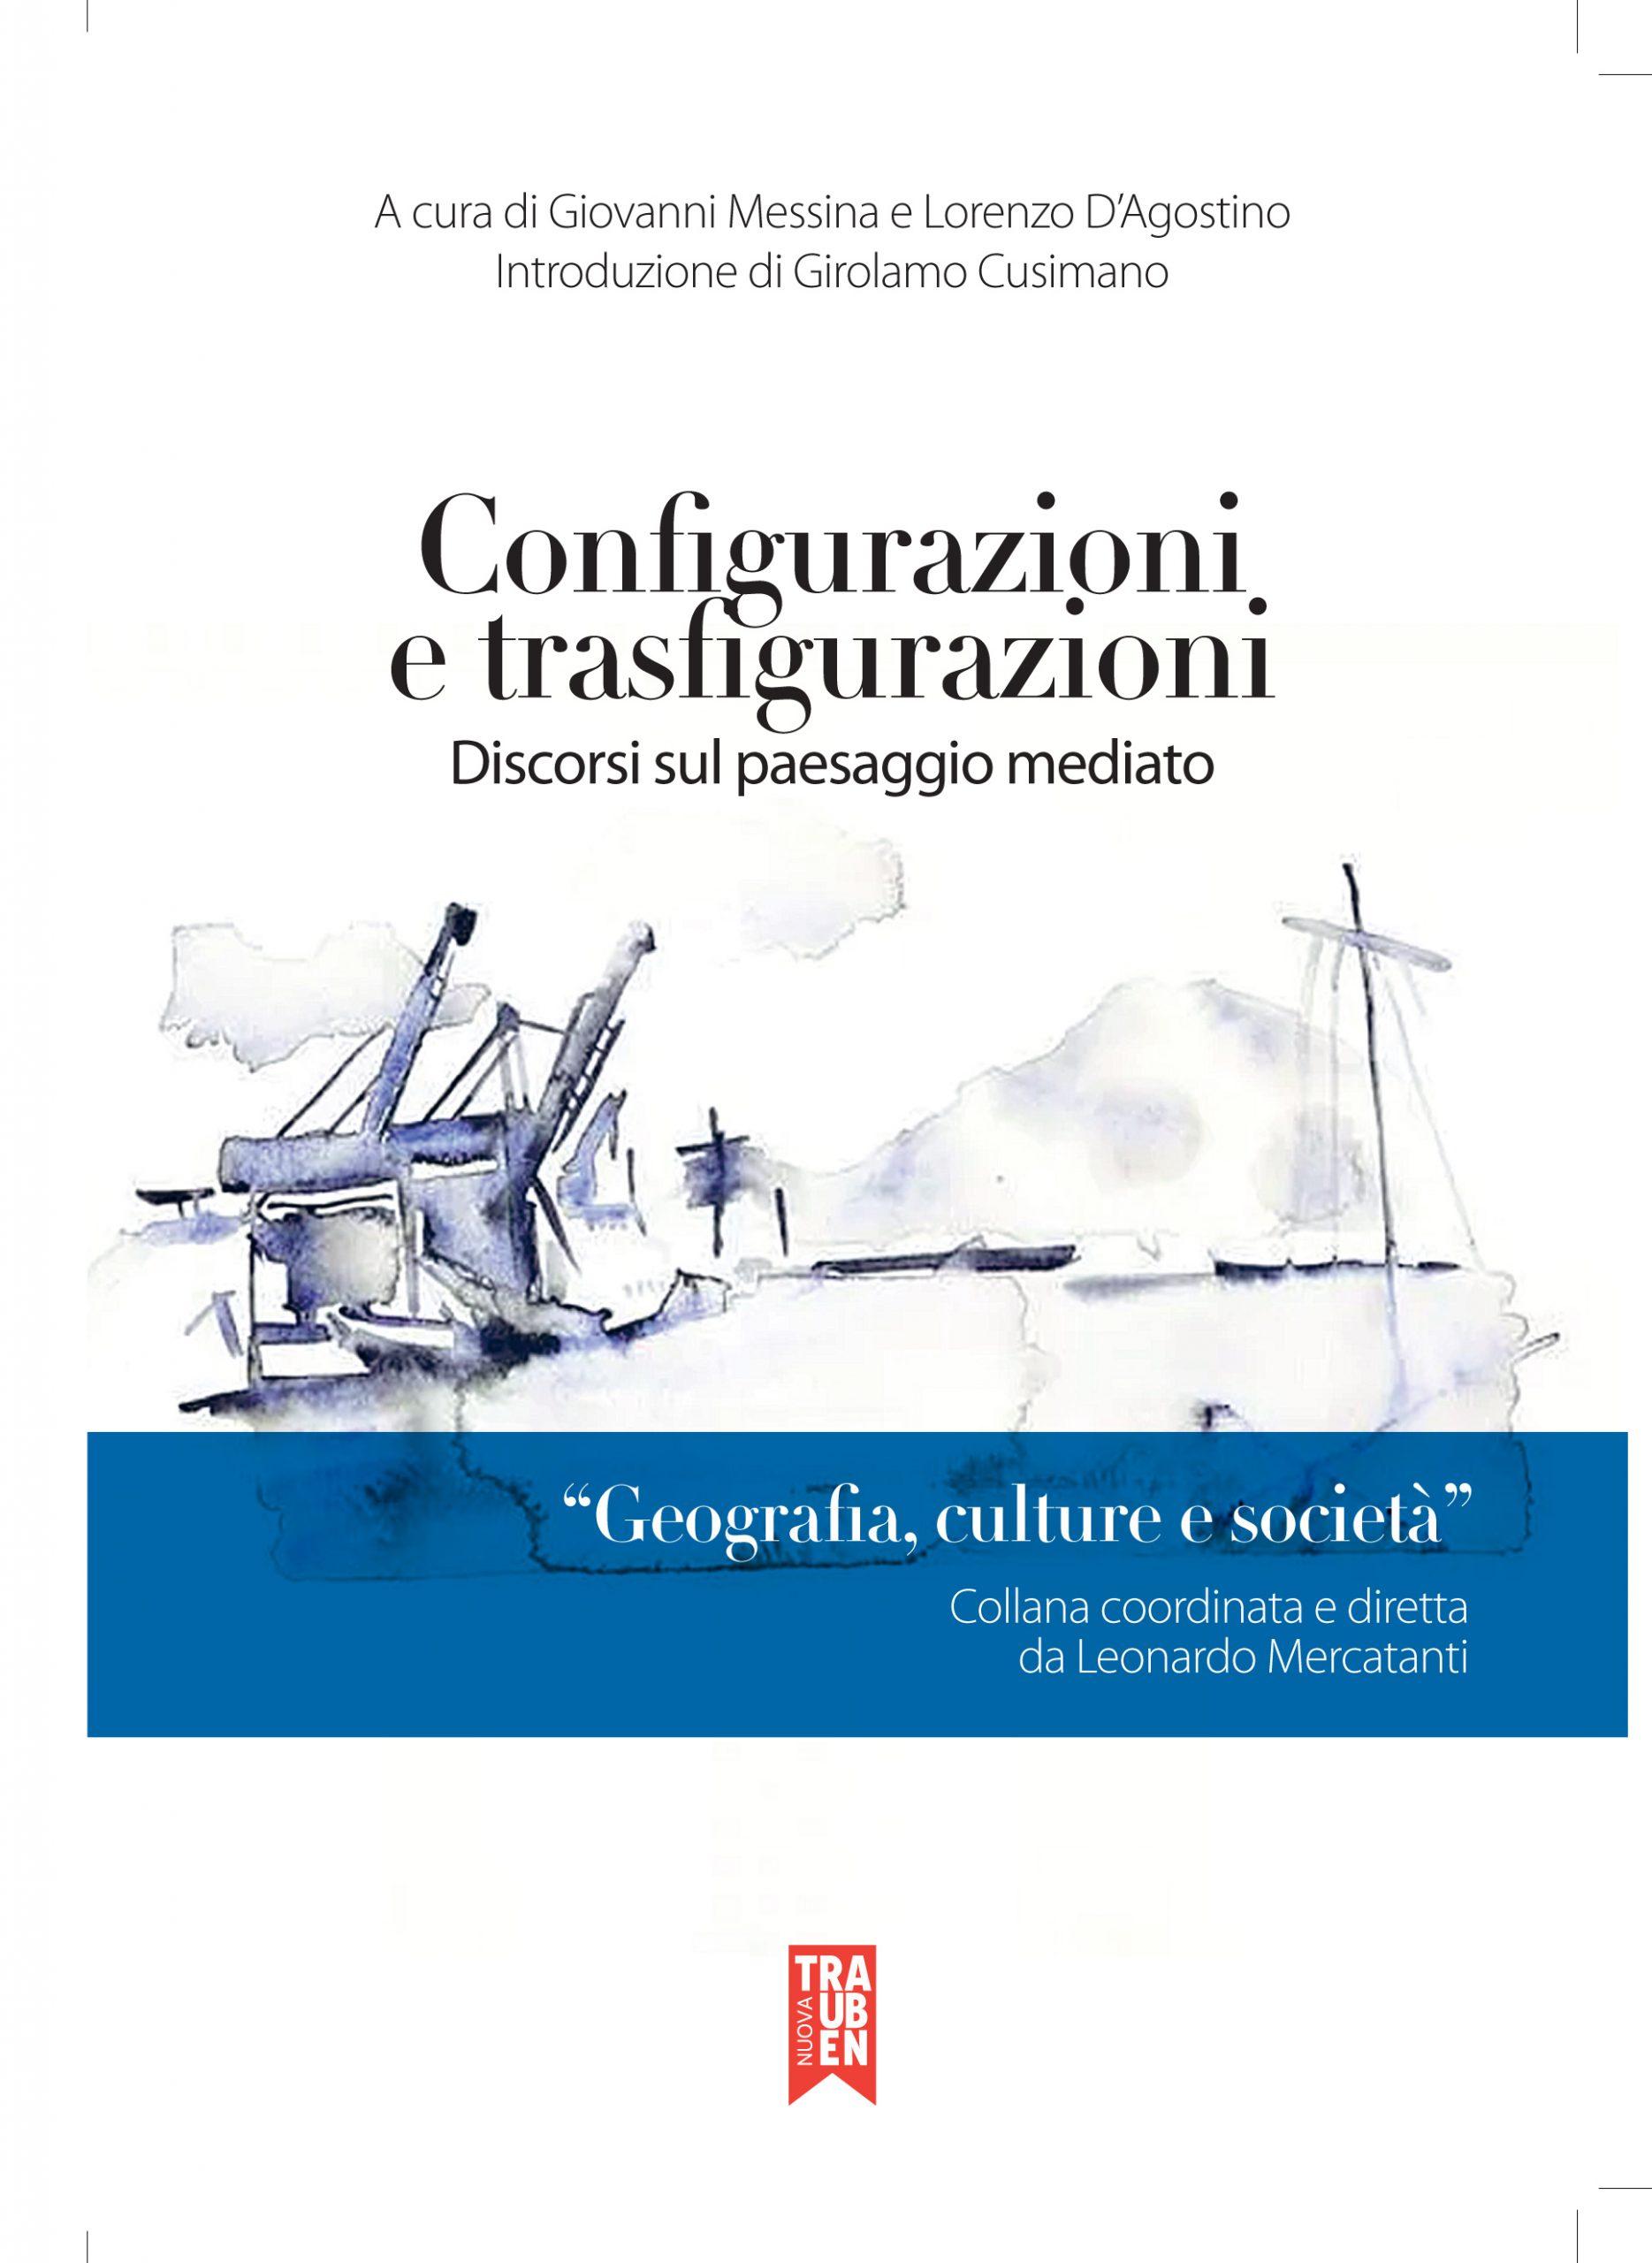 Copertina Configurazioni e Trasfigurazioni Discorsi sul paesaggio mediato Geografia culture e società